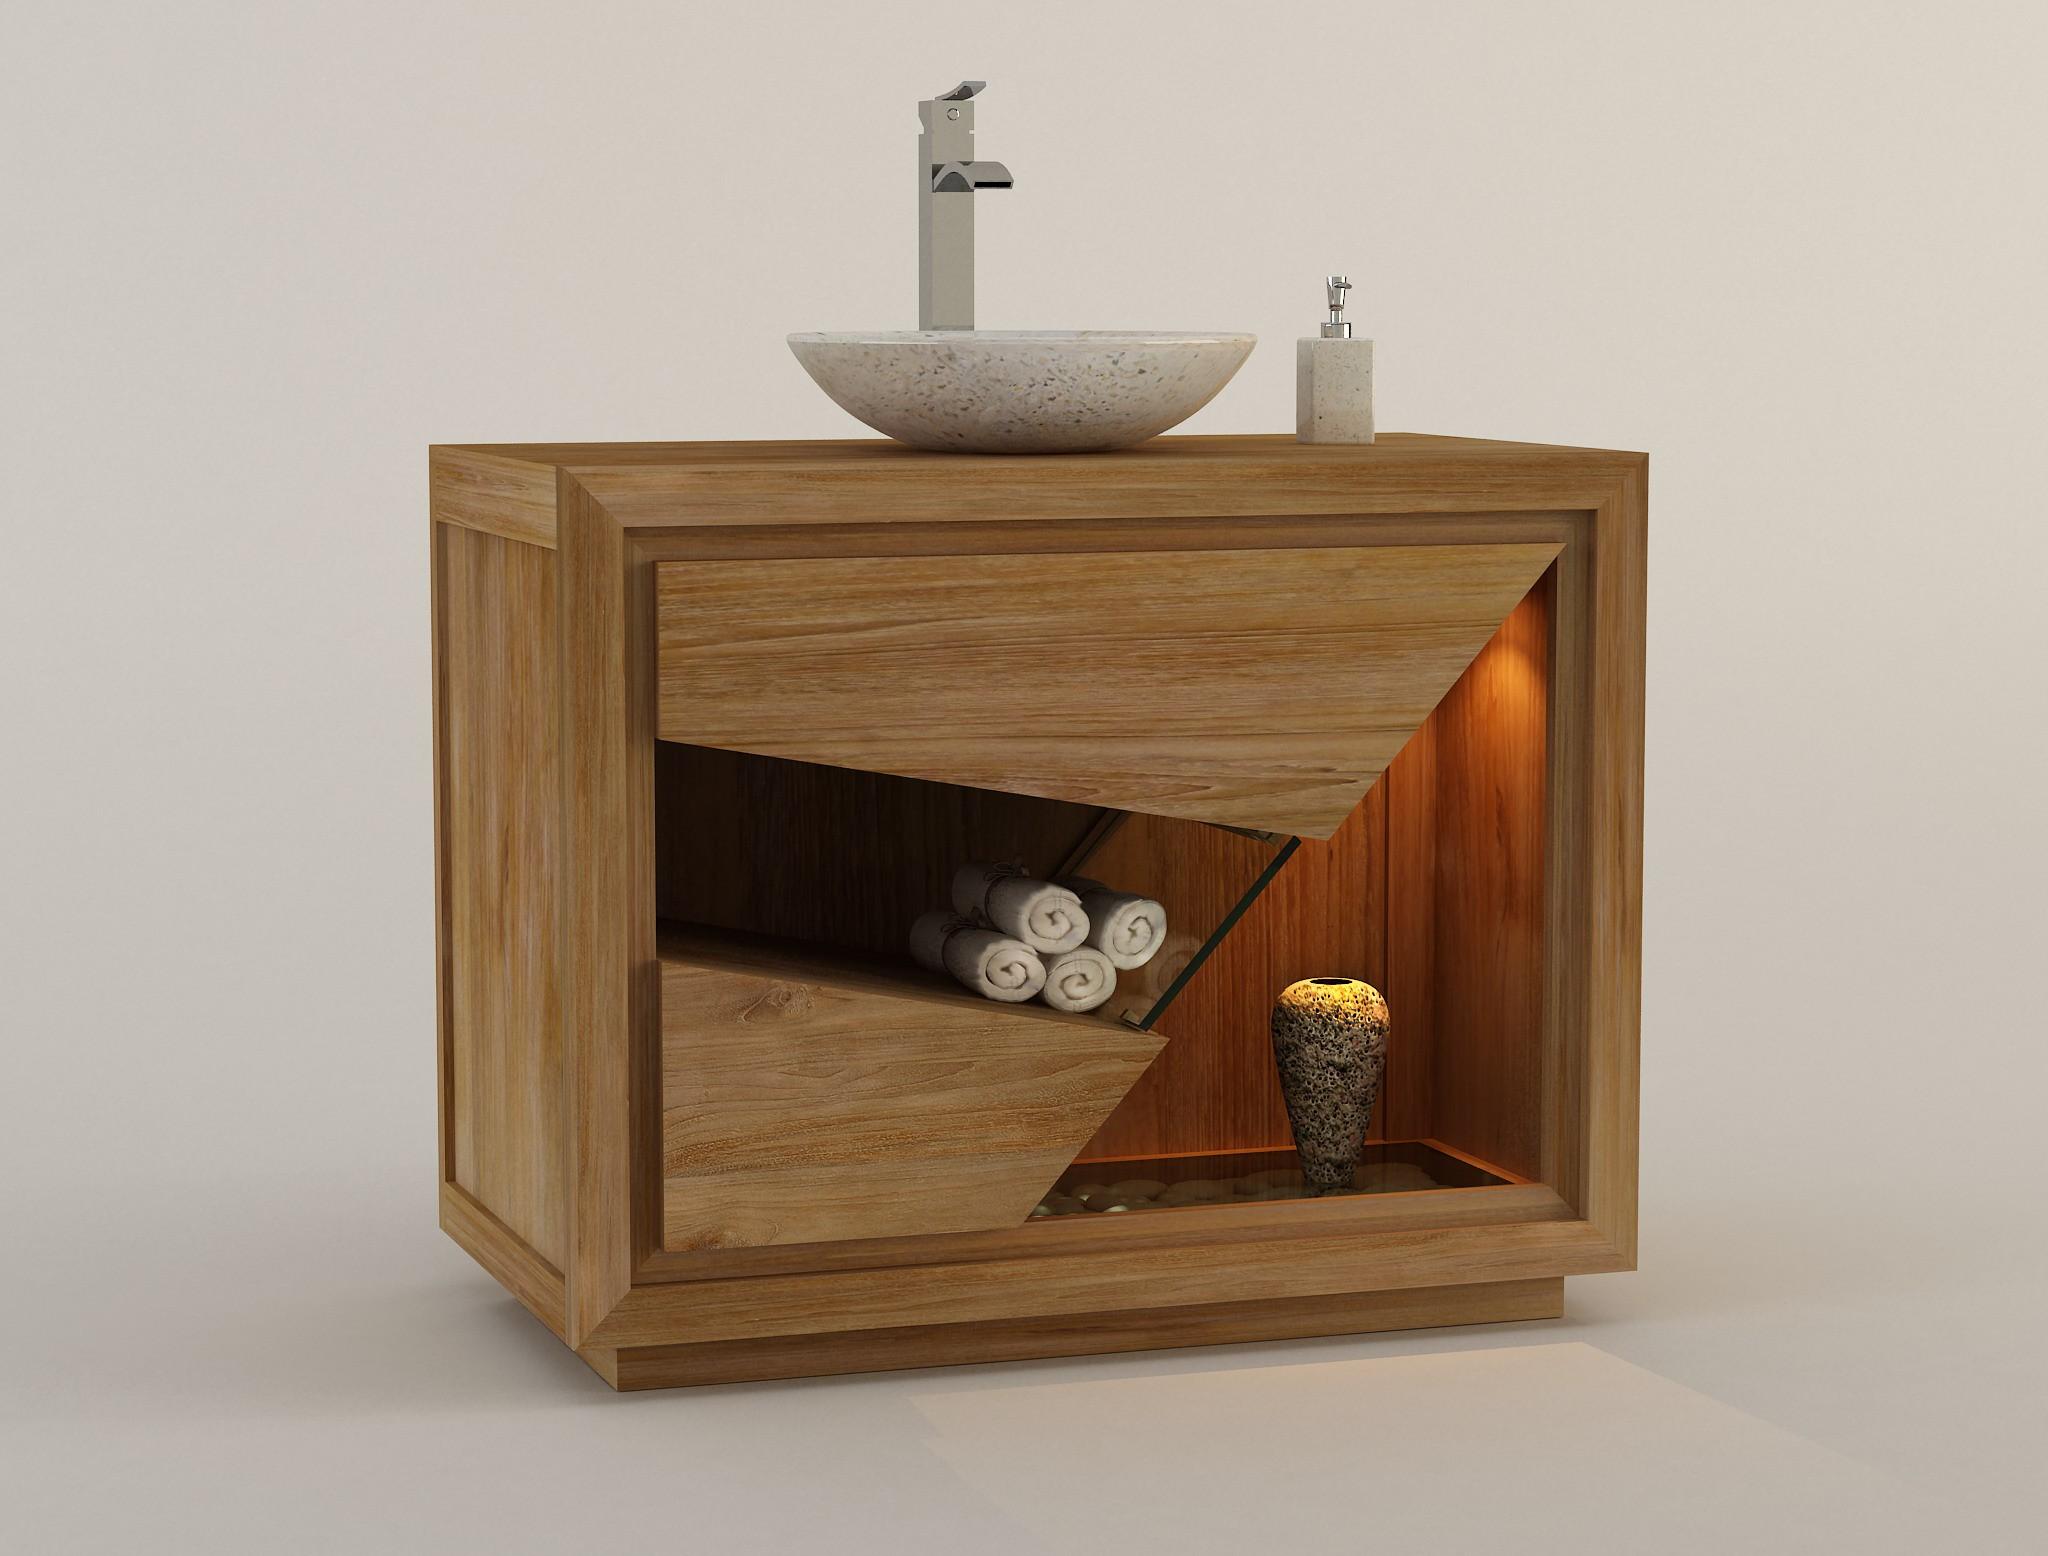 Meuble de salle de bain en teck pour 1 vasque SIBERUT design Kayumanis